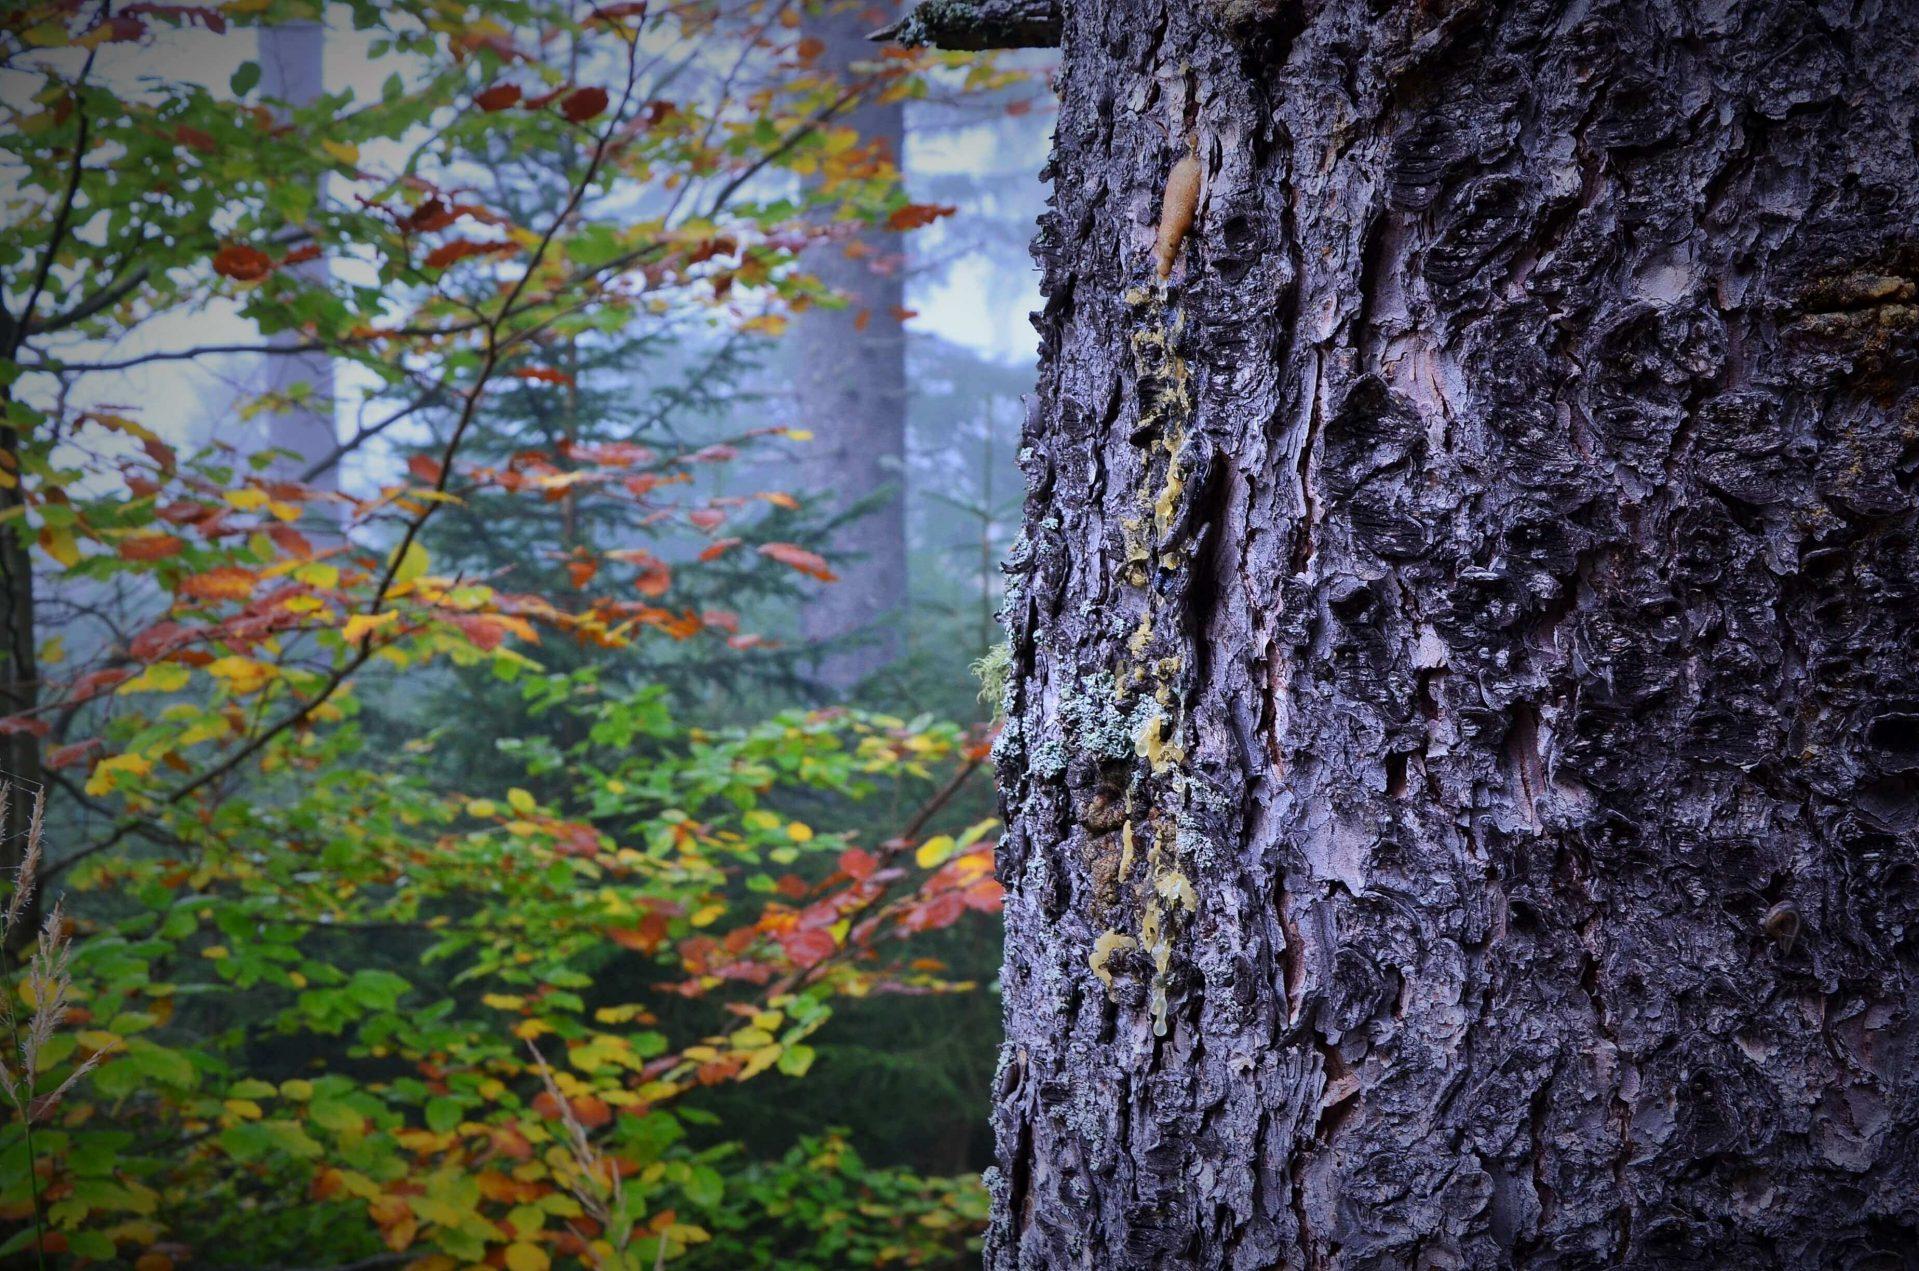 Der Wald – darf er von jedem und zu jeder Zeit betreten werden?